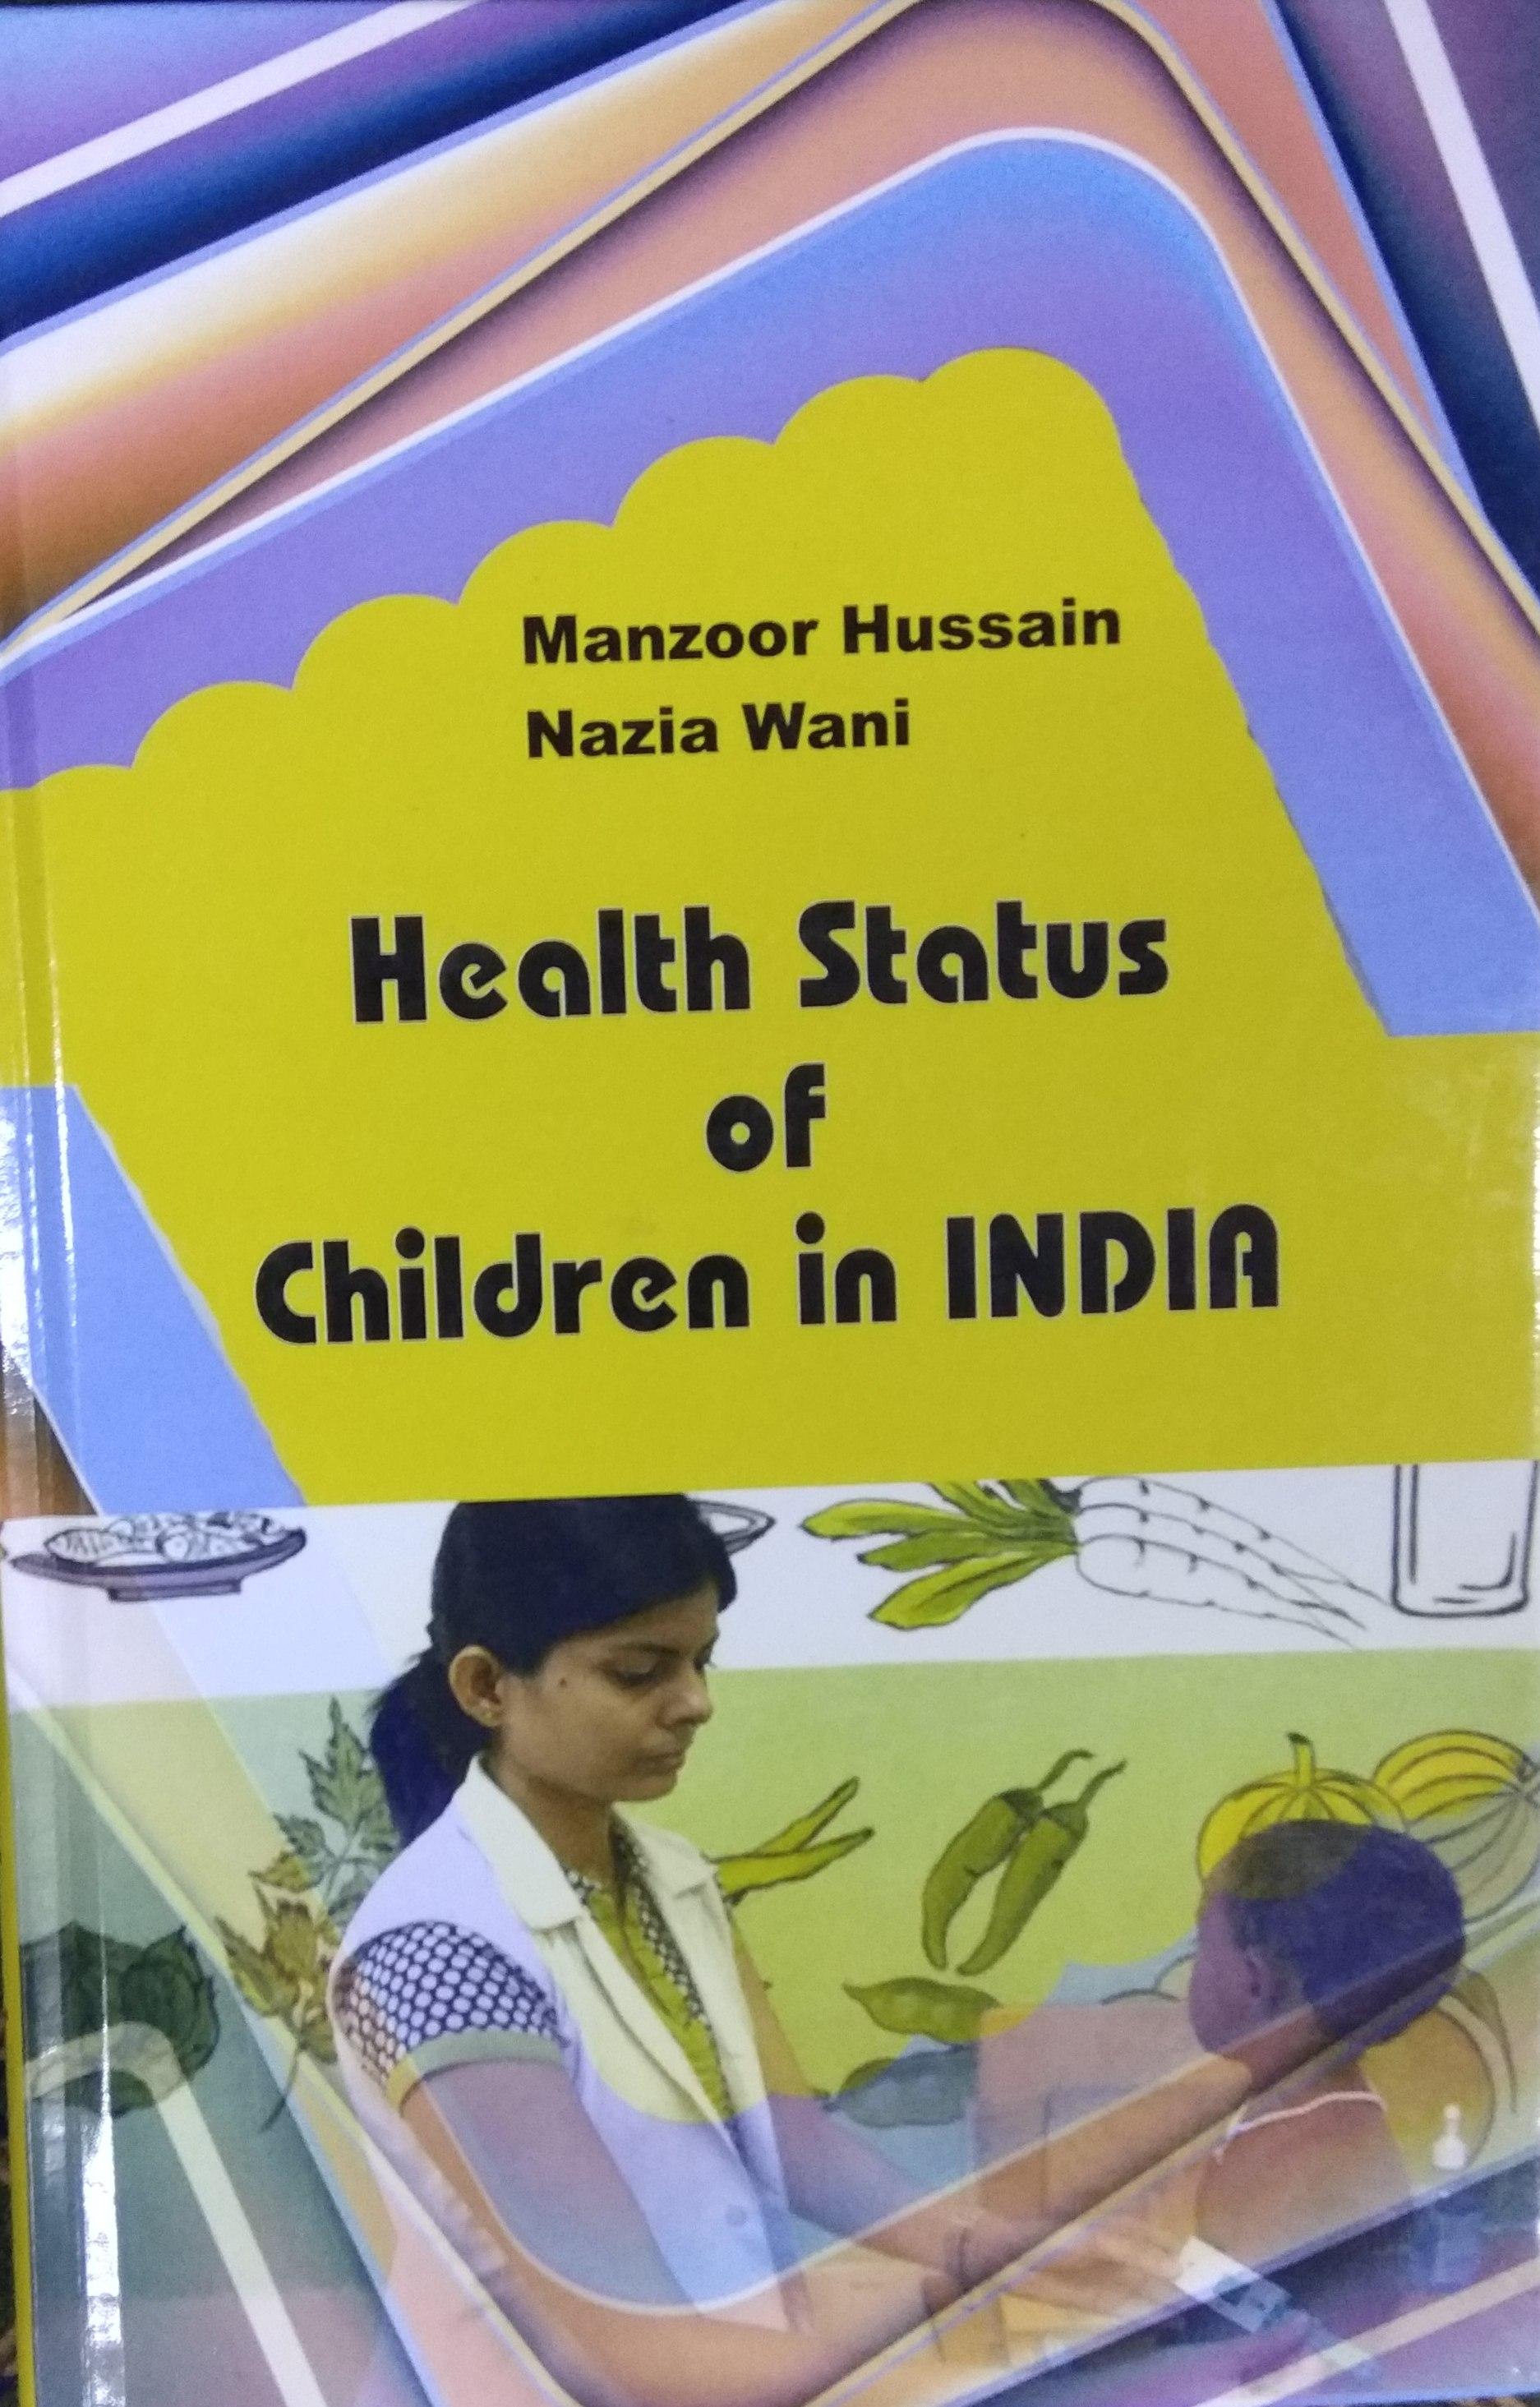 Health Status of Children in India